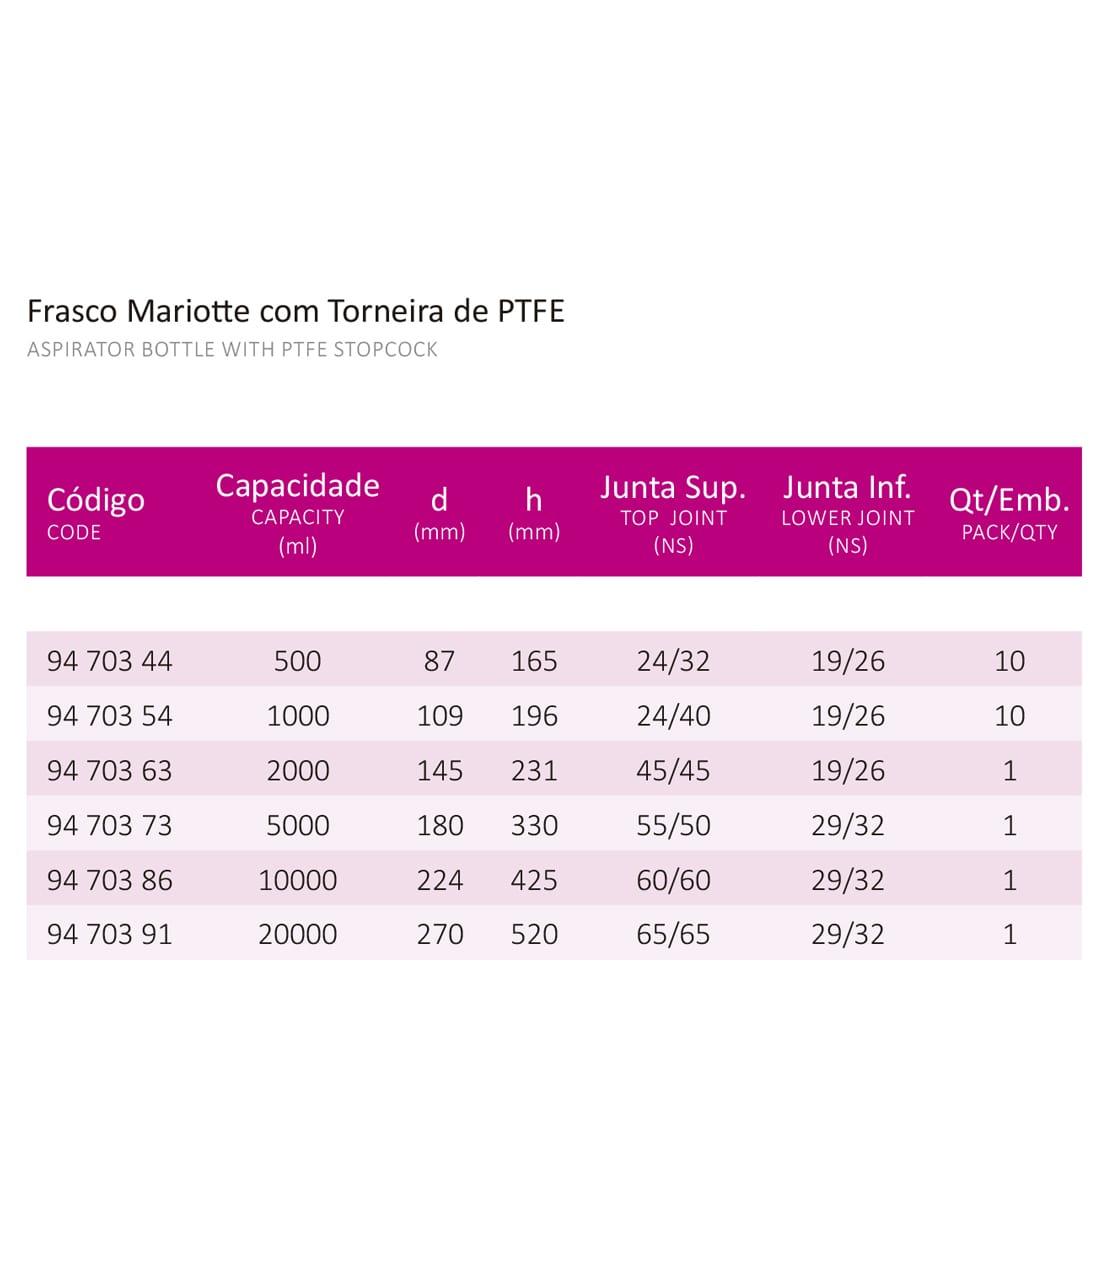 FRASCO MARIOTTE C/ TORN. PTFE 20000 ML - Laborglas - Cód. 9470391